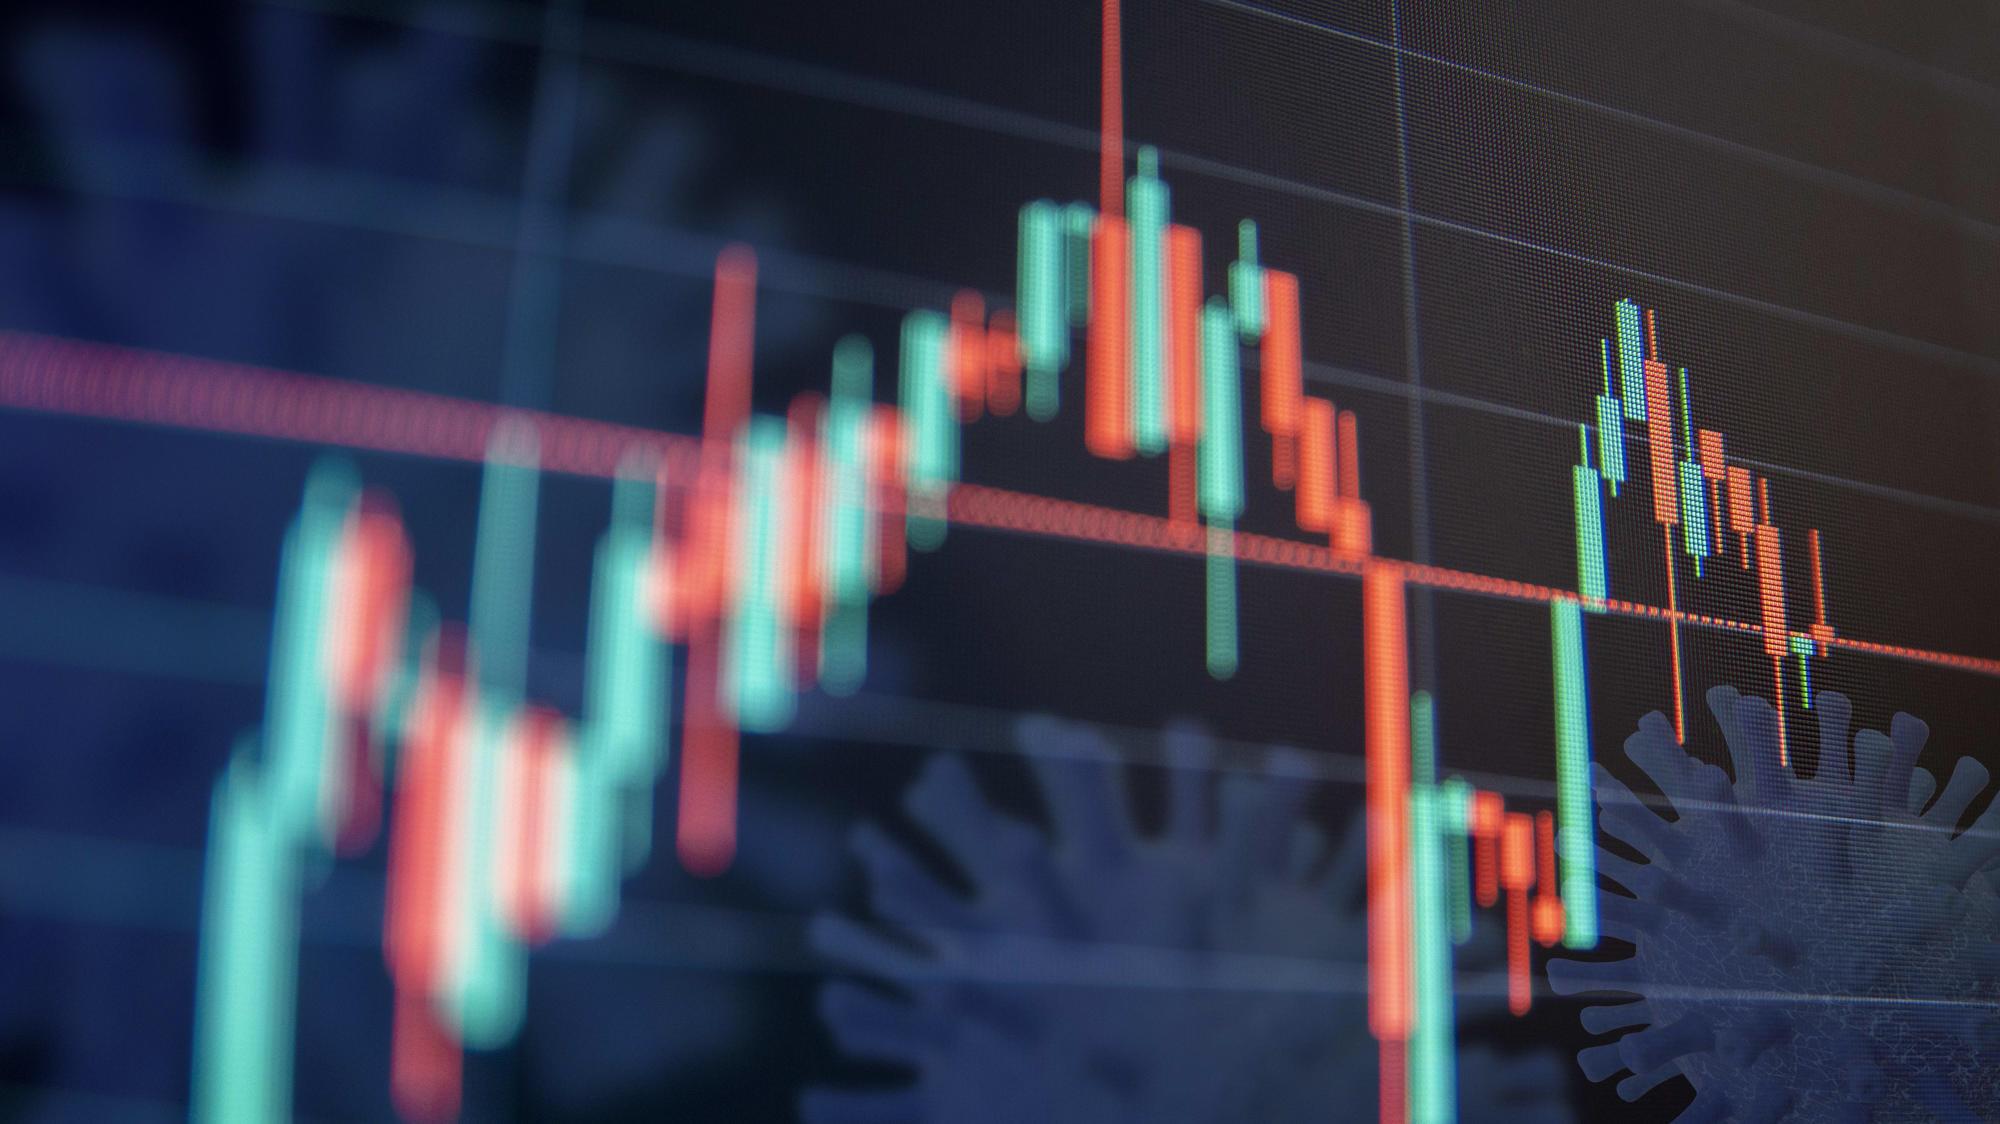 Инвесторы ищут ответы, так как казначейские облигации растут после сильных экономических данных